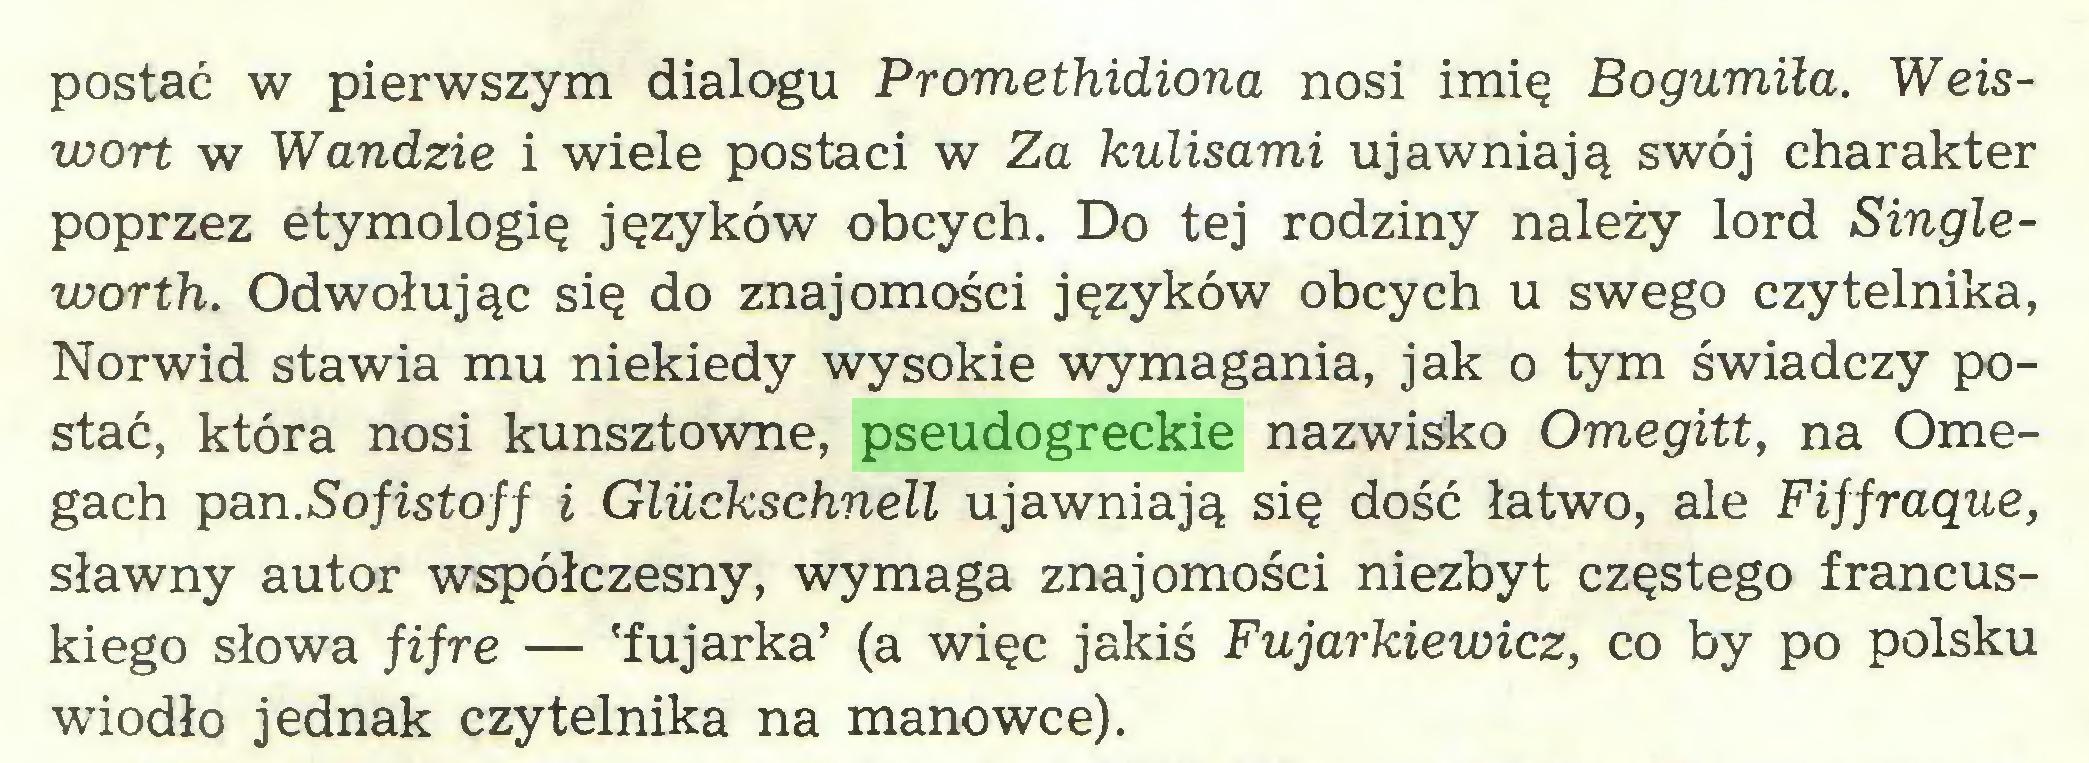 (...) postać w pierwszym dialogu Promethidiona nosi imię Bogumiła. Weiswort w Wandzie i wiele postaci w Za kulisami ujawniają swój charakter poprzez etymologię języków obcych. Do tej rodziny należy lord Singleworth. Odwołując się do znajomości języków obcych u swego czytelnika, Norwid stawia mu niekiedy wysokie wymagania, jak o tym świadczy postać, która nosi kunsztowne, pseudogreckie nazwisko Omegitt, na Omegach pan.Sofistoff i Gluckschnell ujawniają się dość łatwo, ale Fiffraąue, sławny autor współczesny, wymaga znajomości niezbyt częstego francuskiego słowa fifre — 'fujarka' (a więc jakiś Fujarkiewicz, co by po polsku wiodło jednak czytelnika na manowce)...